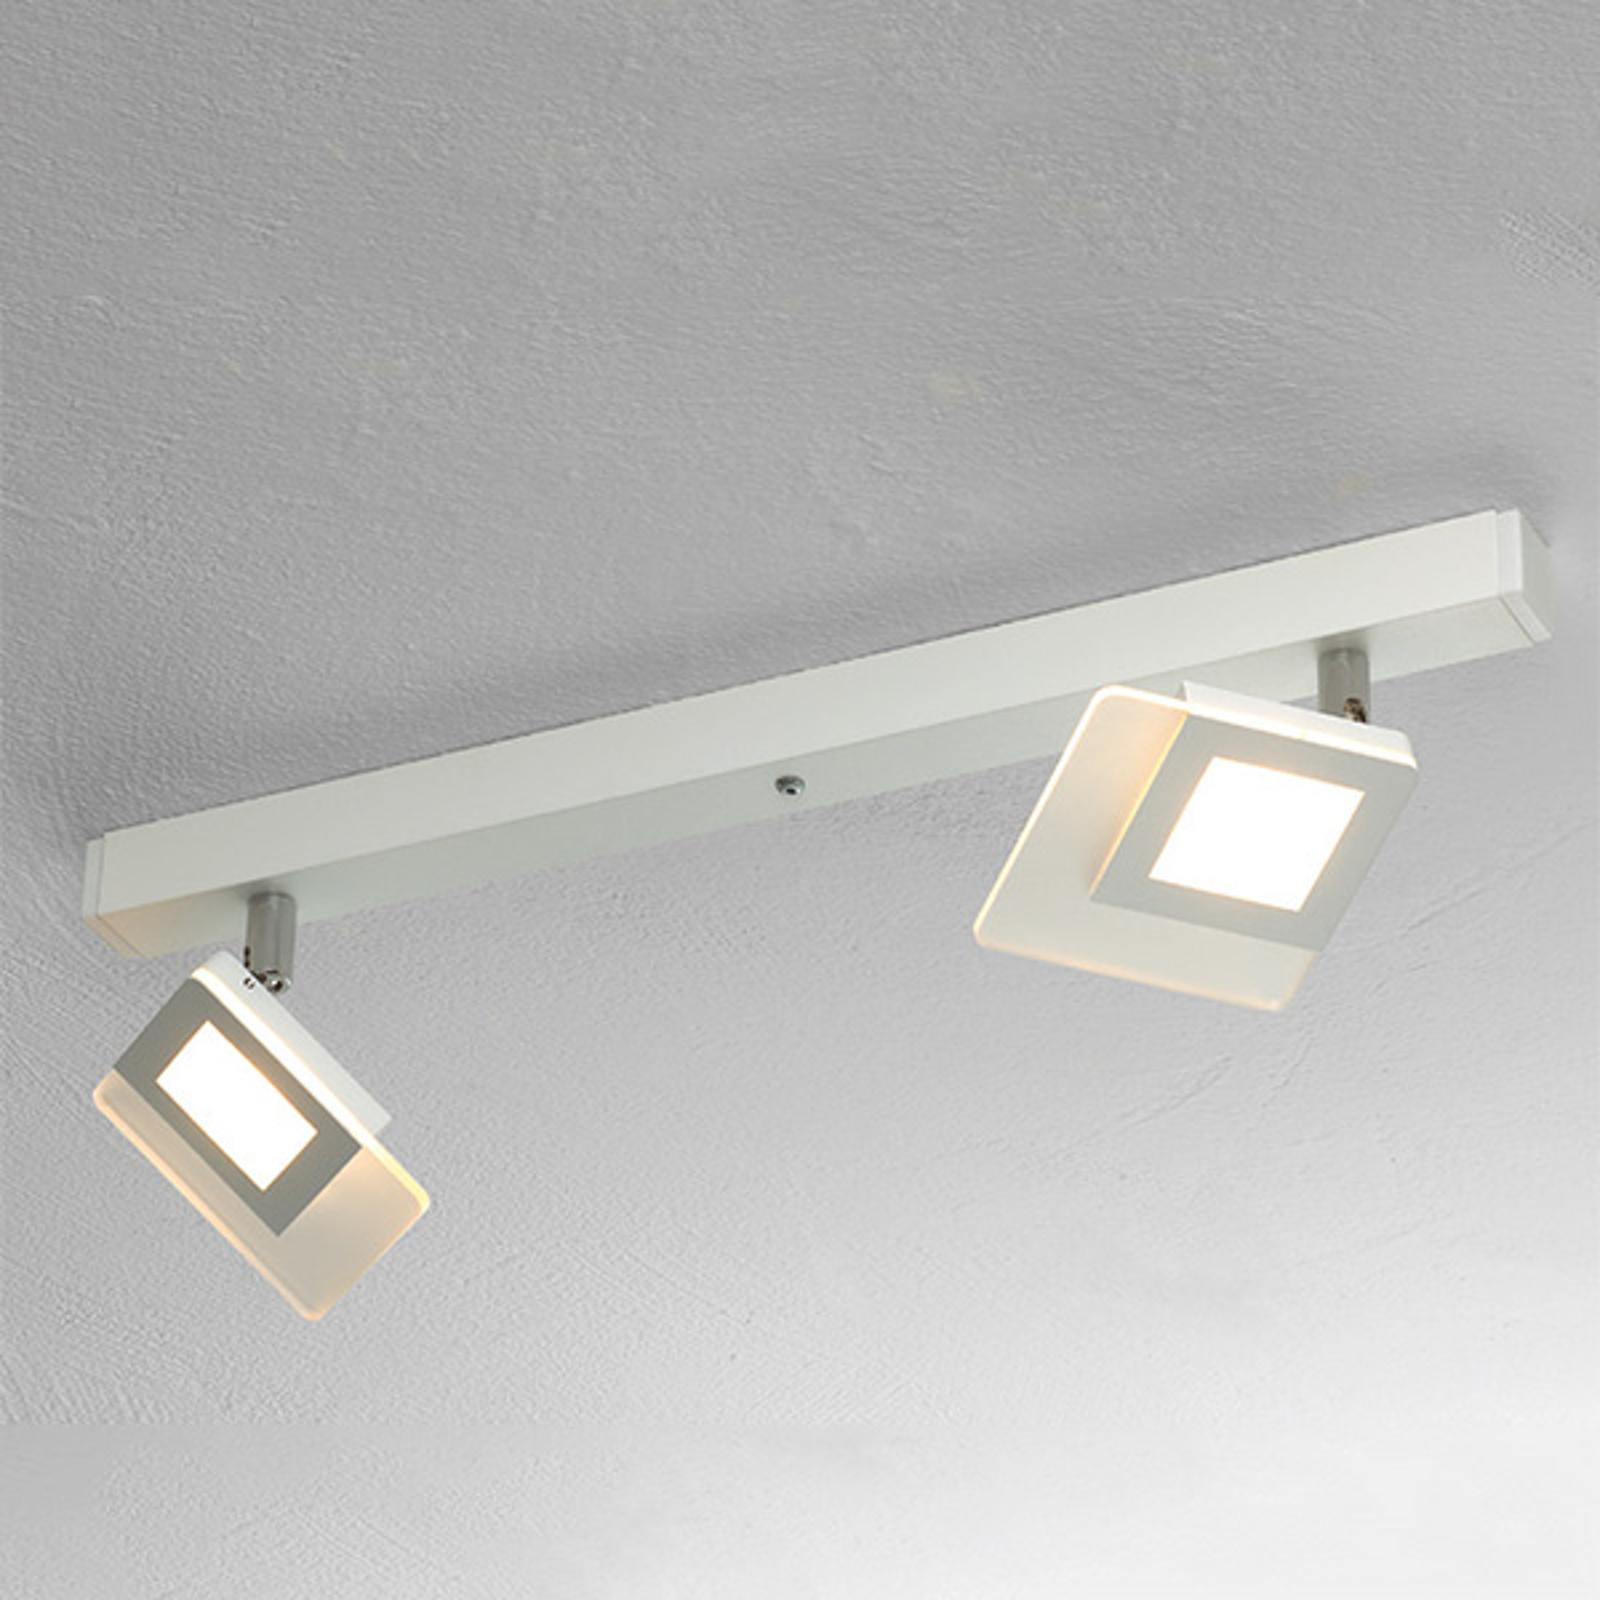 Lámpara de techo LED Line en blanco, 2 brazos